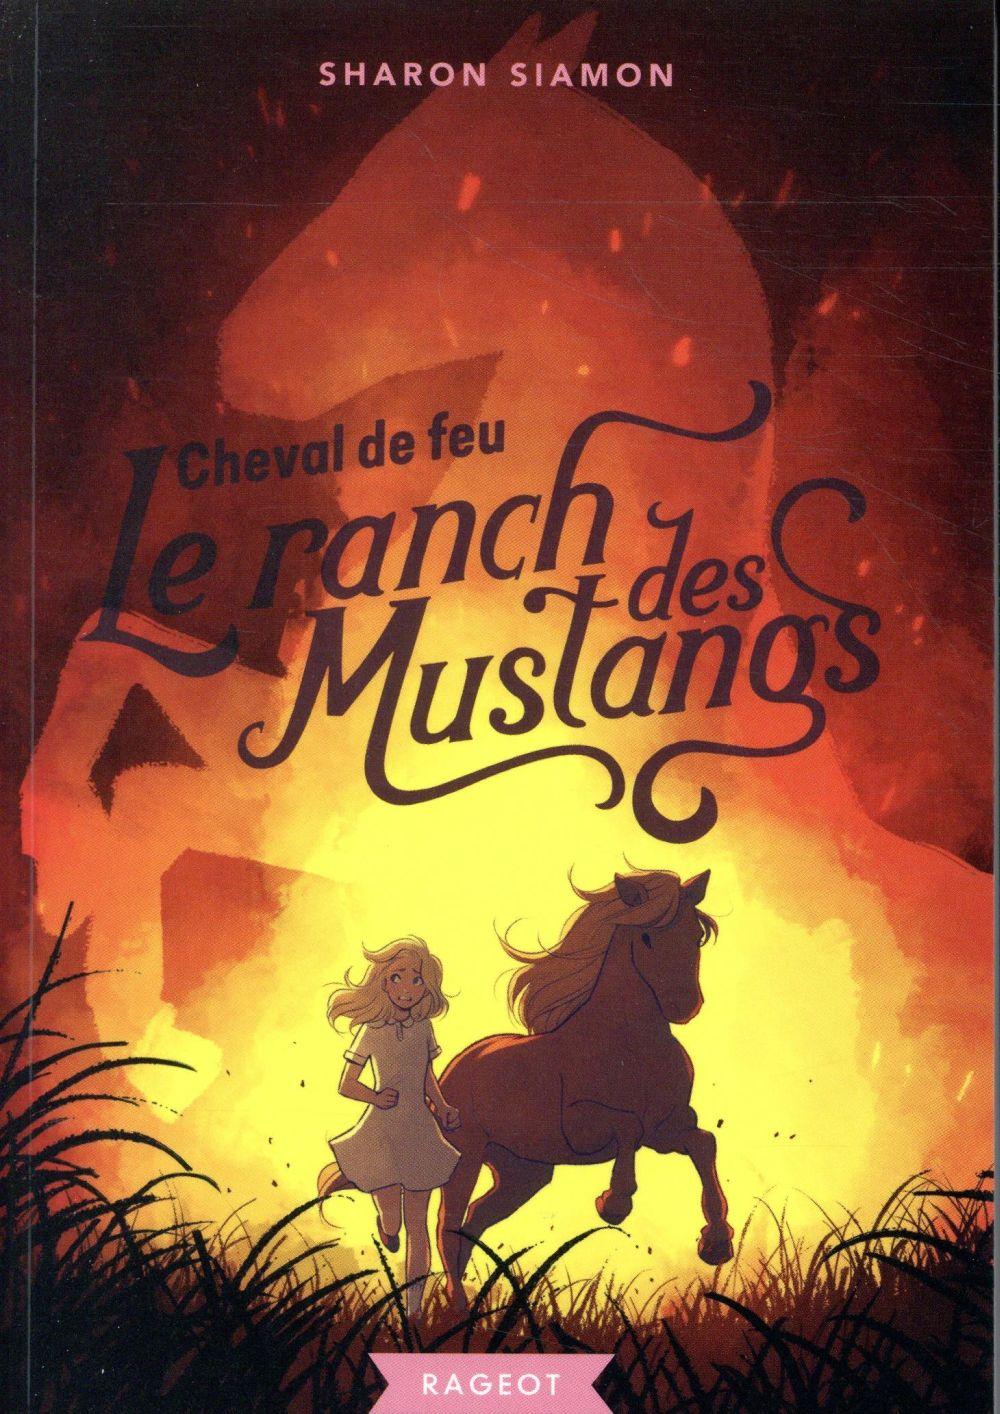 LE RANCH DES MUSTANGS - CHEVAL DE FEU - T2 SIAMON SHARON